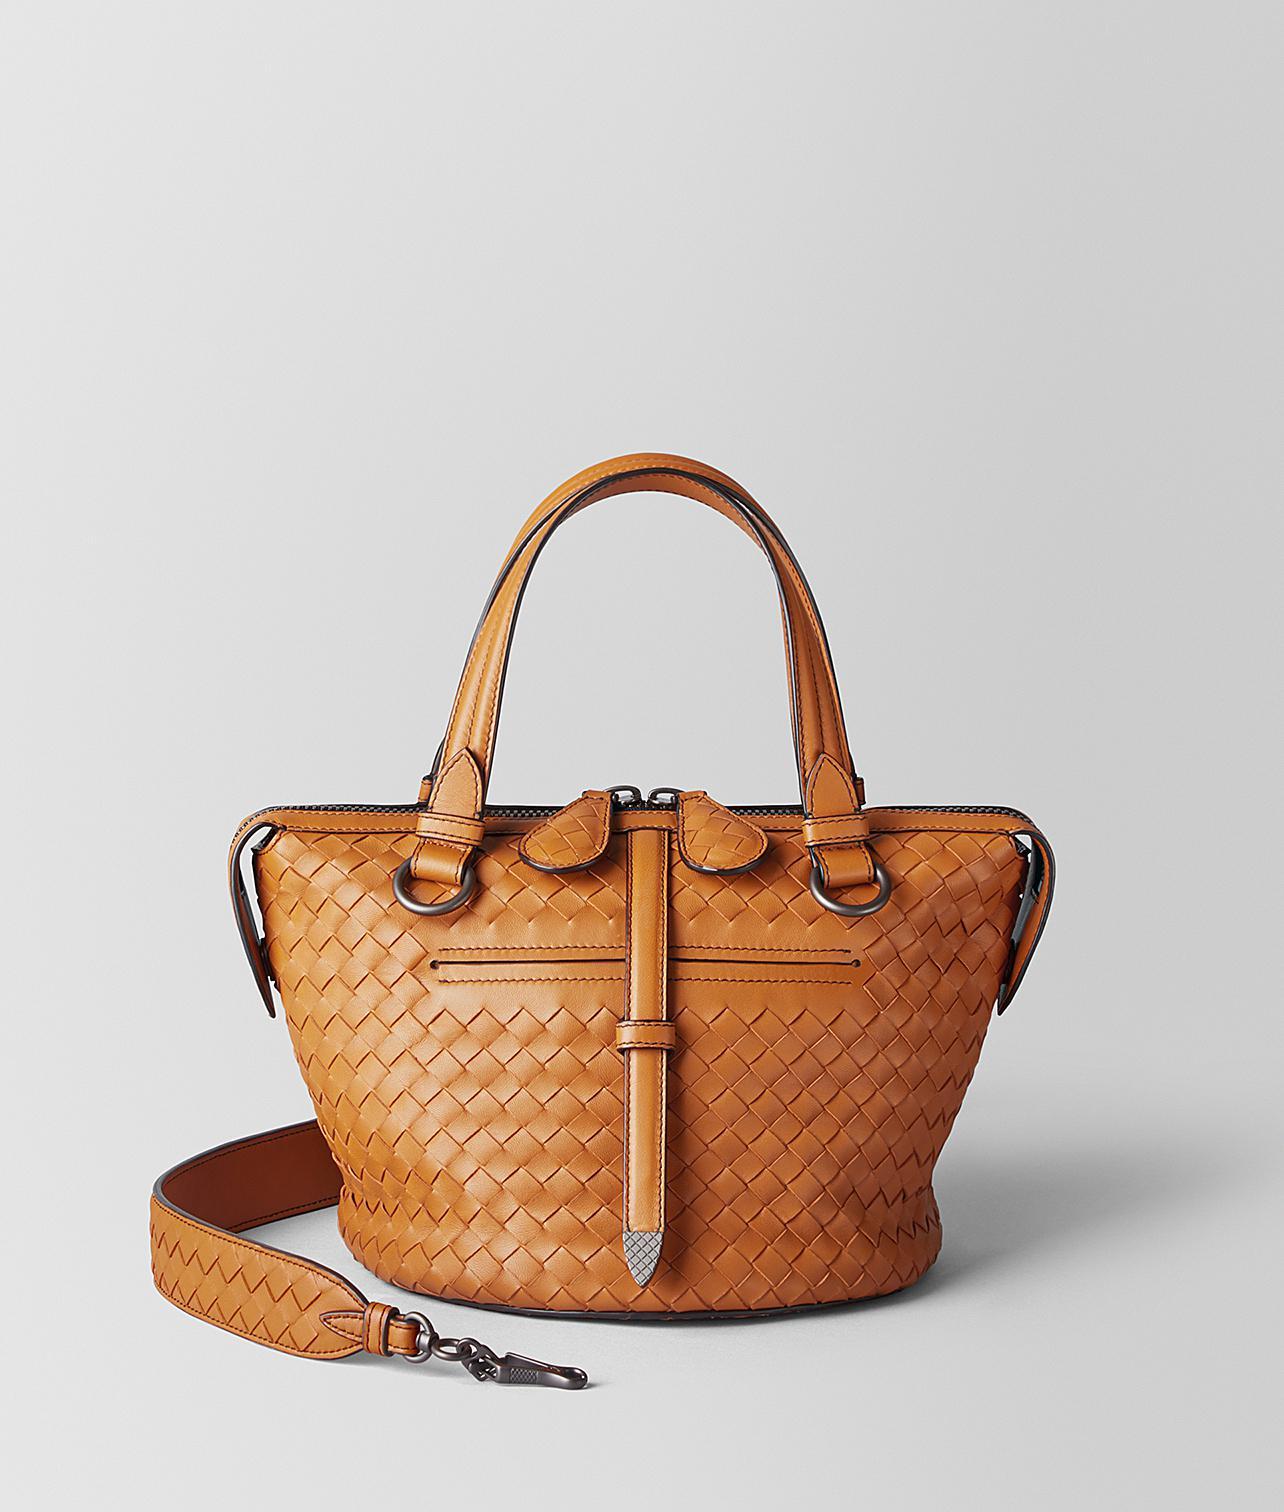 Lyst - Bottega Veneta Orange Intrecciato Nappa Tambura Bag in Orange 95d021eb9d427